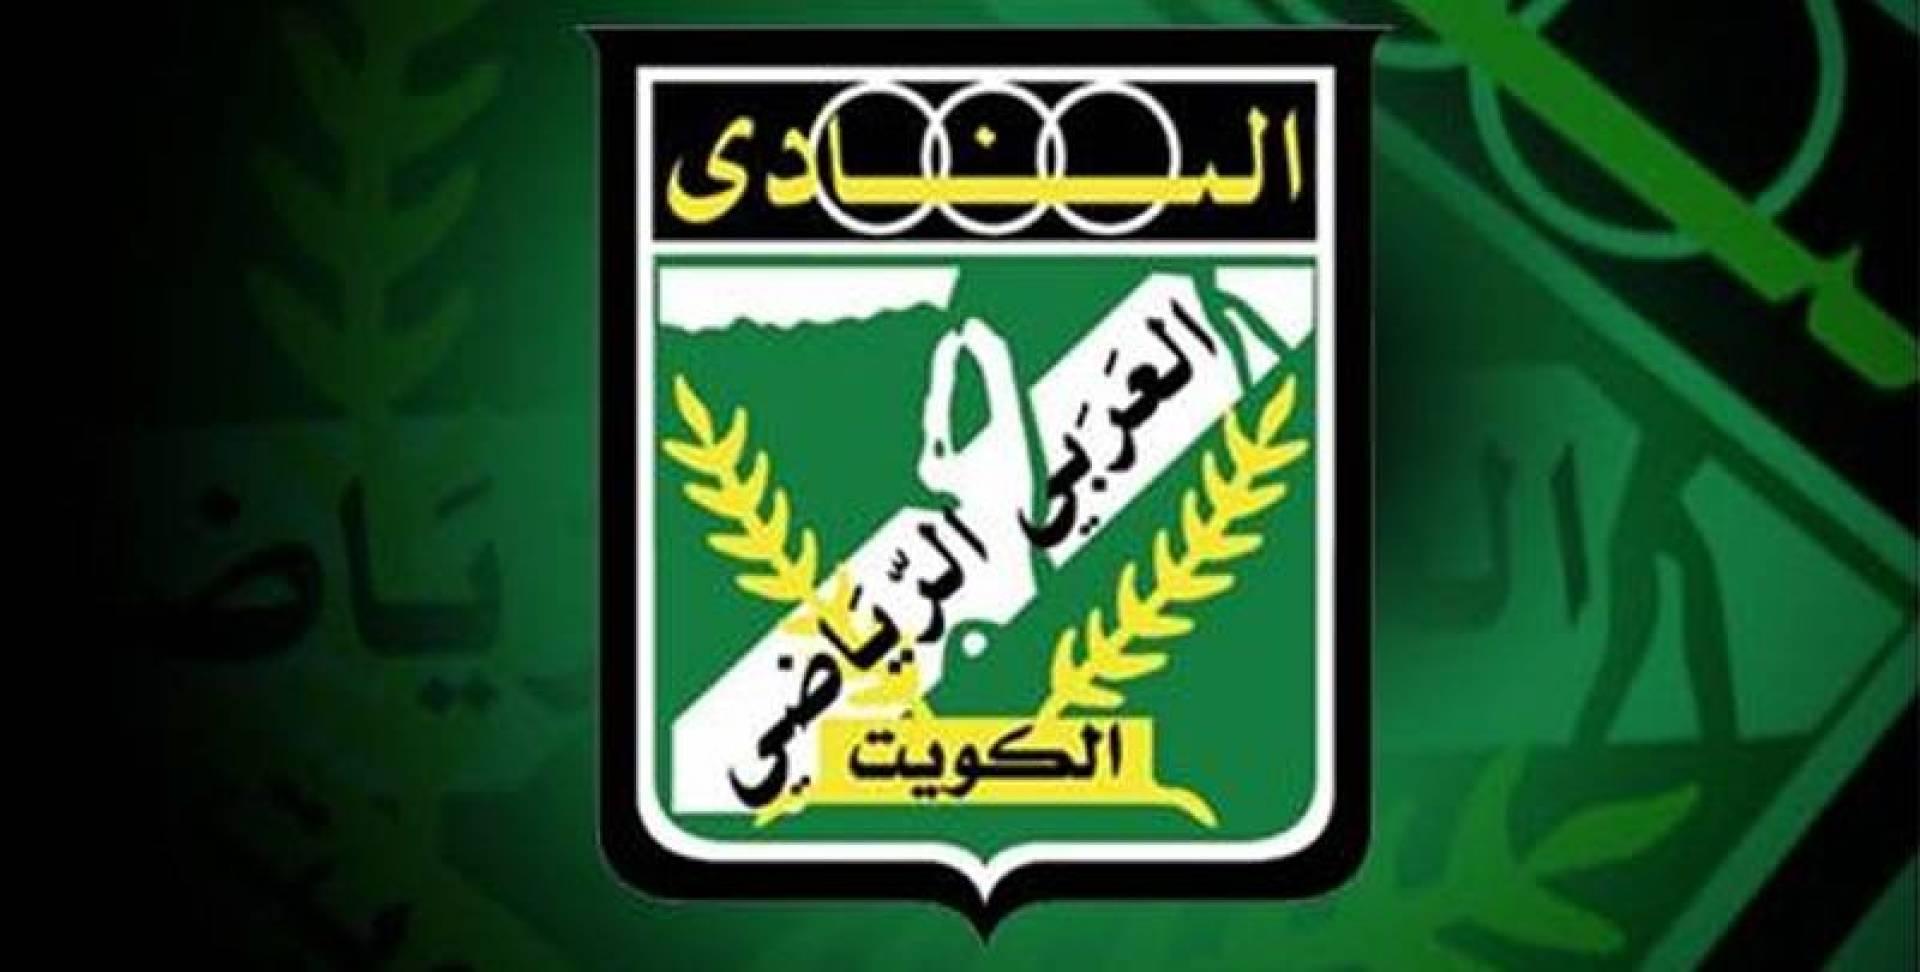 اللجنة الانتخابية بالنادي العربي: إلغاء «عمومية الجليب».. وإجراءات قانونية ضد المخالفين